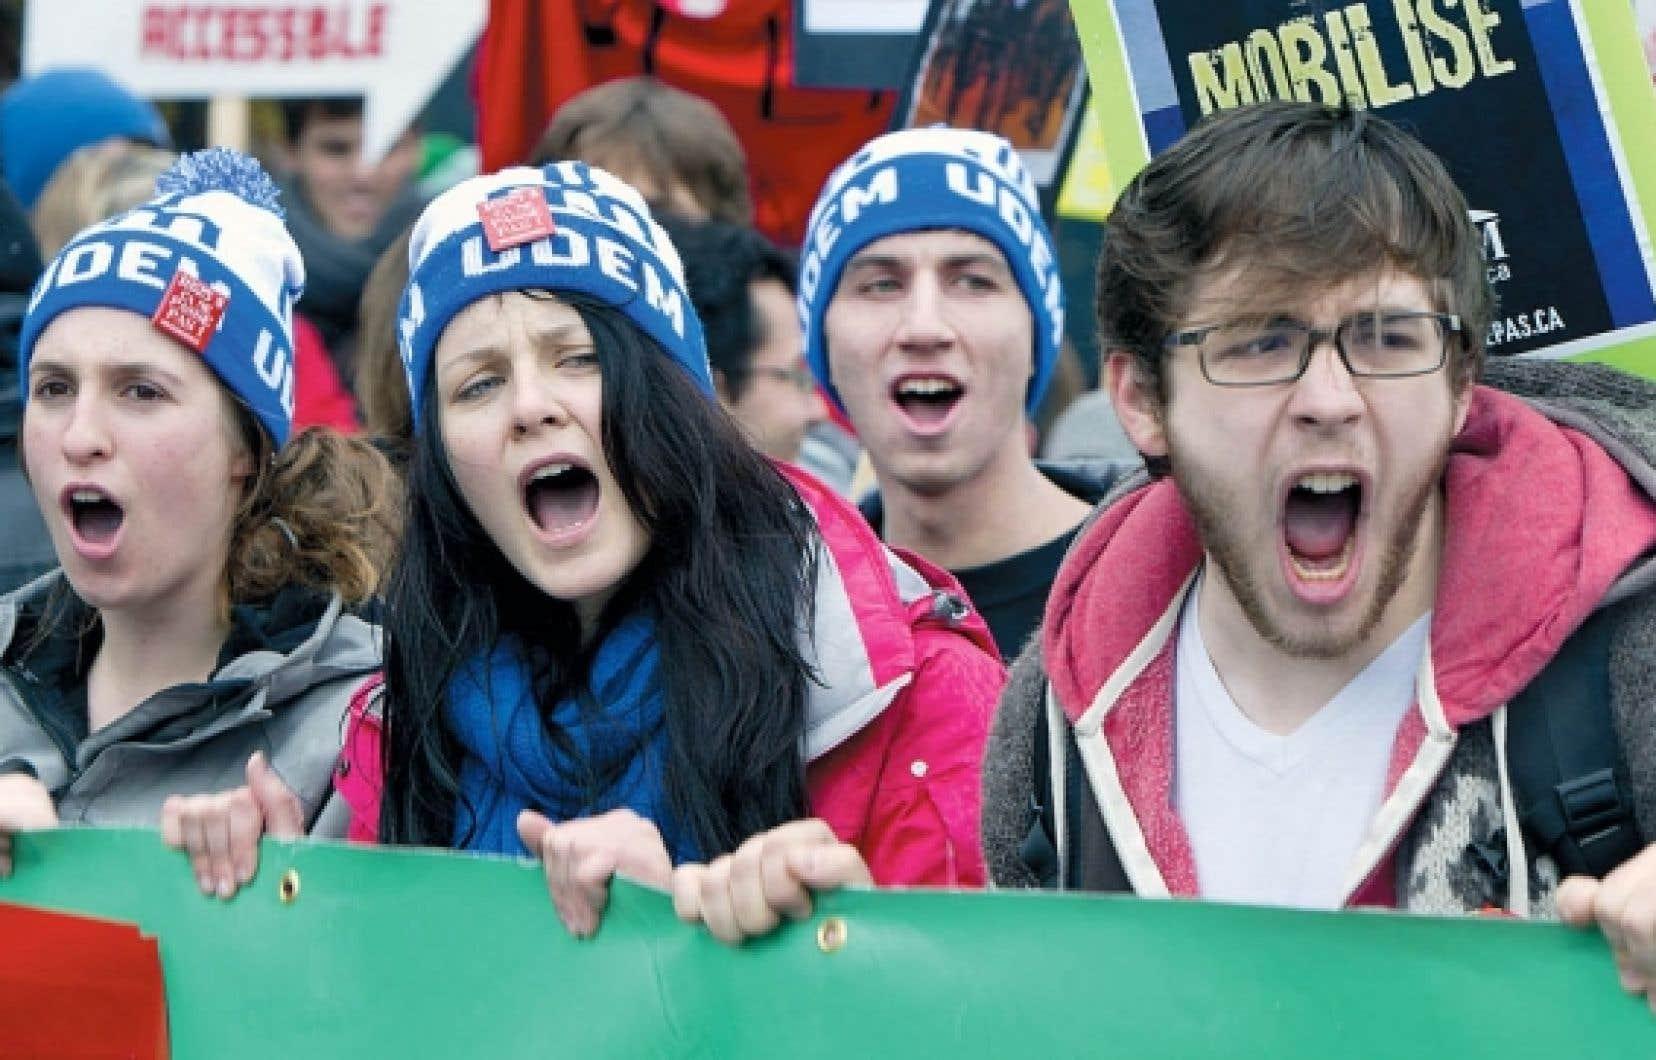 Les étudiants ont à nouveau battu le pavé hier, exhortant le gouvernement à renoncer à la hausse des droits de scolarité. Une centaine d'étudiants provenant du collège Ahuntsic, des cégeps Marie-Victorin, Bois-de-Boulogne, Saint-Laurent et de l'école secondaire Sophie-Barat, ont grimpé sur l'autoroute 40 par la bretelle de la rue Saint-Hubert pour redescendre 20 minutes plus tard par celle d'Iberville. Ils se sont ensuite dispersés. Plus tôt, des centaines d'étudiants en grève de l'Université de Montréal ont manifesté devant le bureau de circonscription du ministre des Finances, Raymond Bachand (notre photo). Enfin, quelque 400 personnes, dont des étudiants du collège Édouard-Montpetit et du cégep Saint-Jean-sur-Richelieu, ainsi que des membres de groupes communautaires de Longueuil ont dénoncé haut et fort la hausse des droits de scolarité sur la Rive-Sud de Montréal.<br />